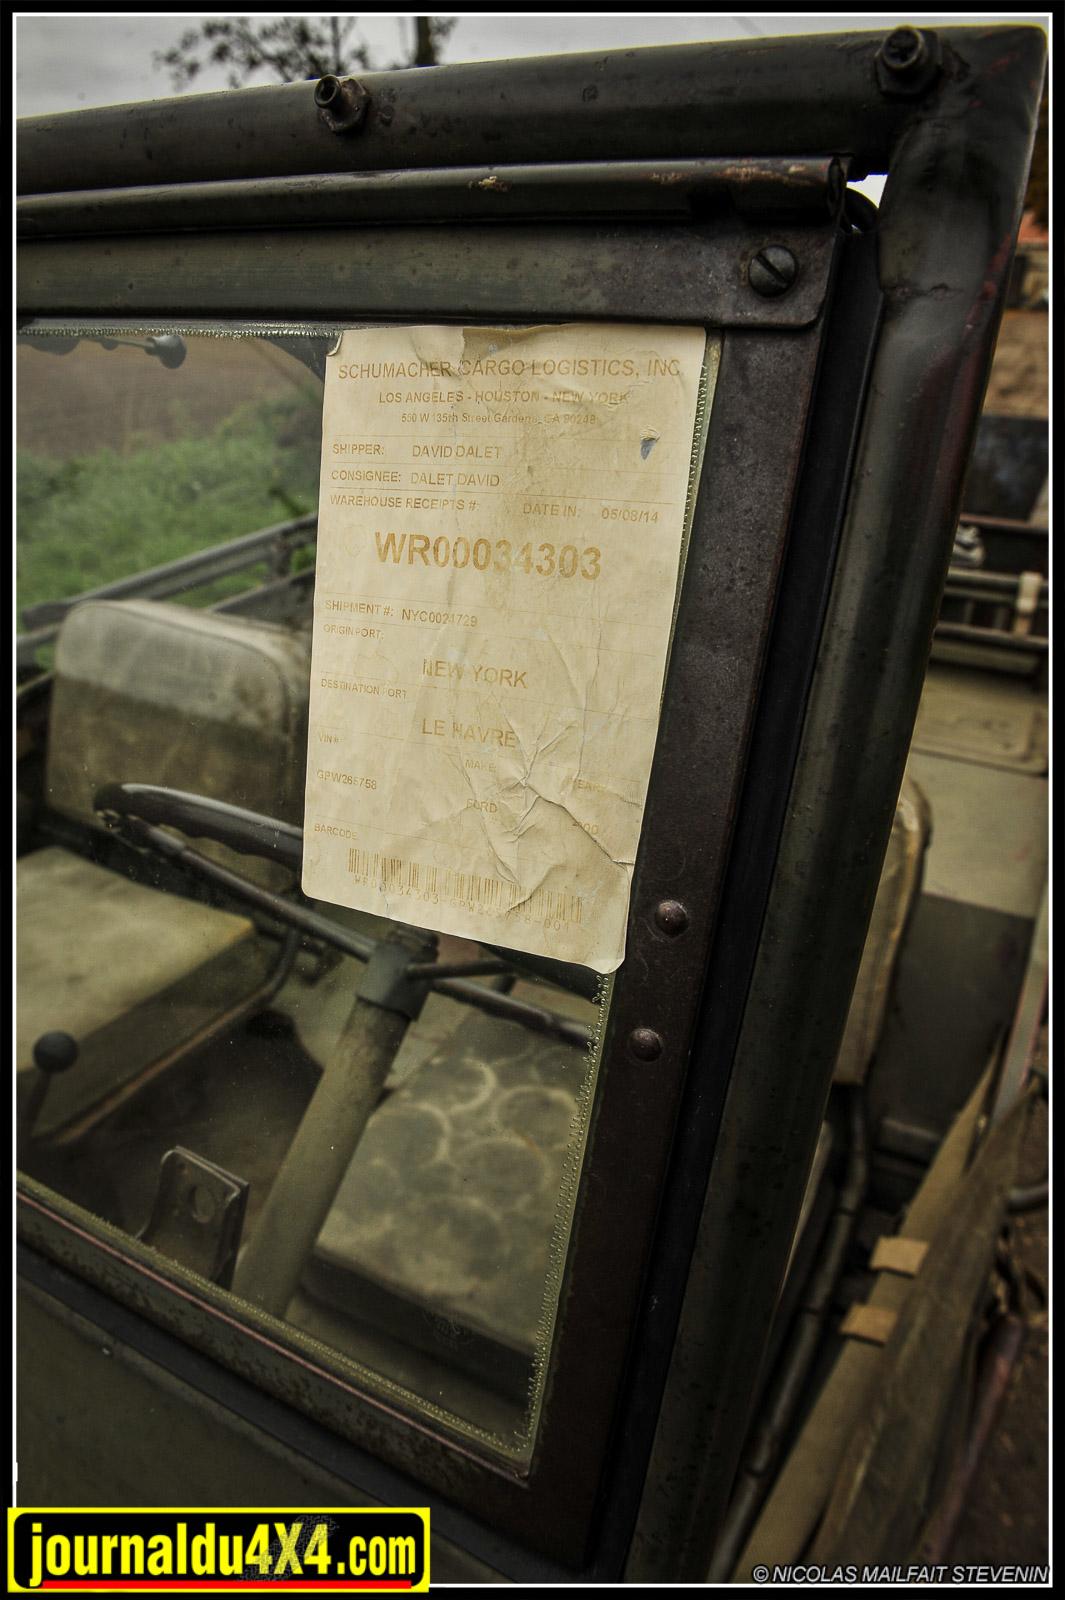 L'étiquette date d'il y a quelques mois…New York-Le Havre, enfin le débarquement 65 ans après le Normandie